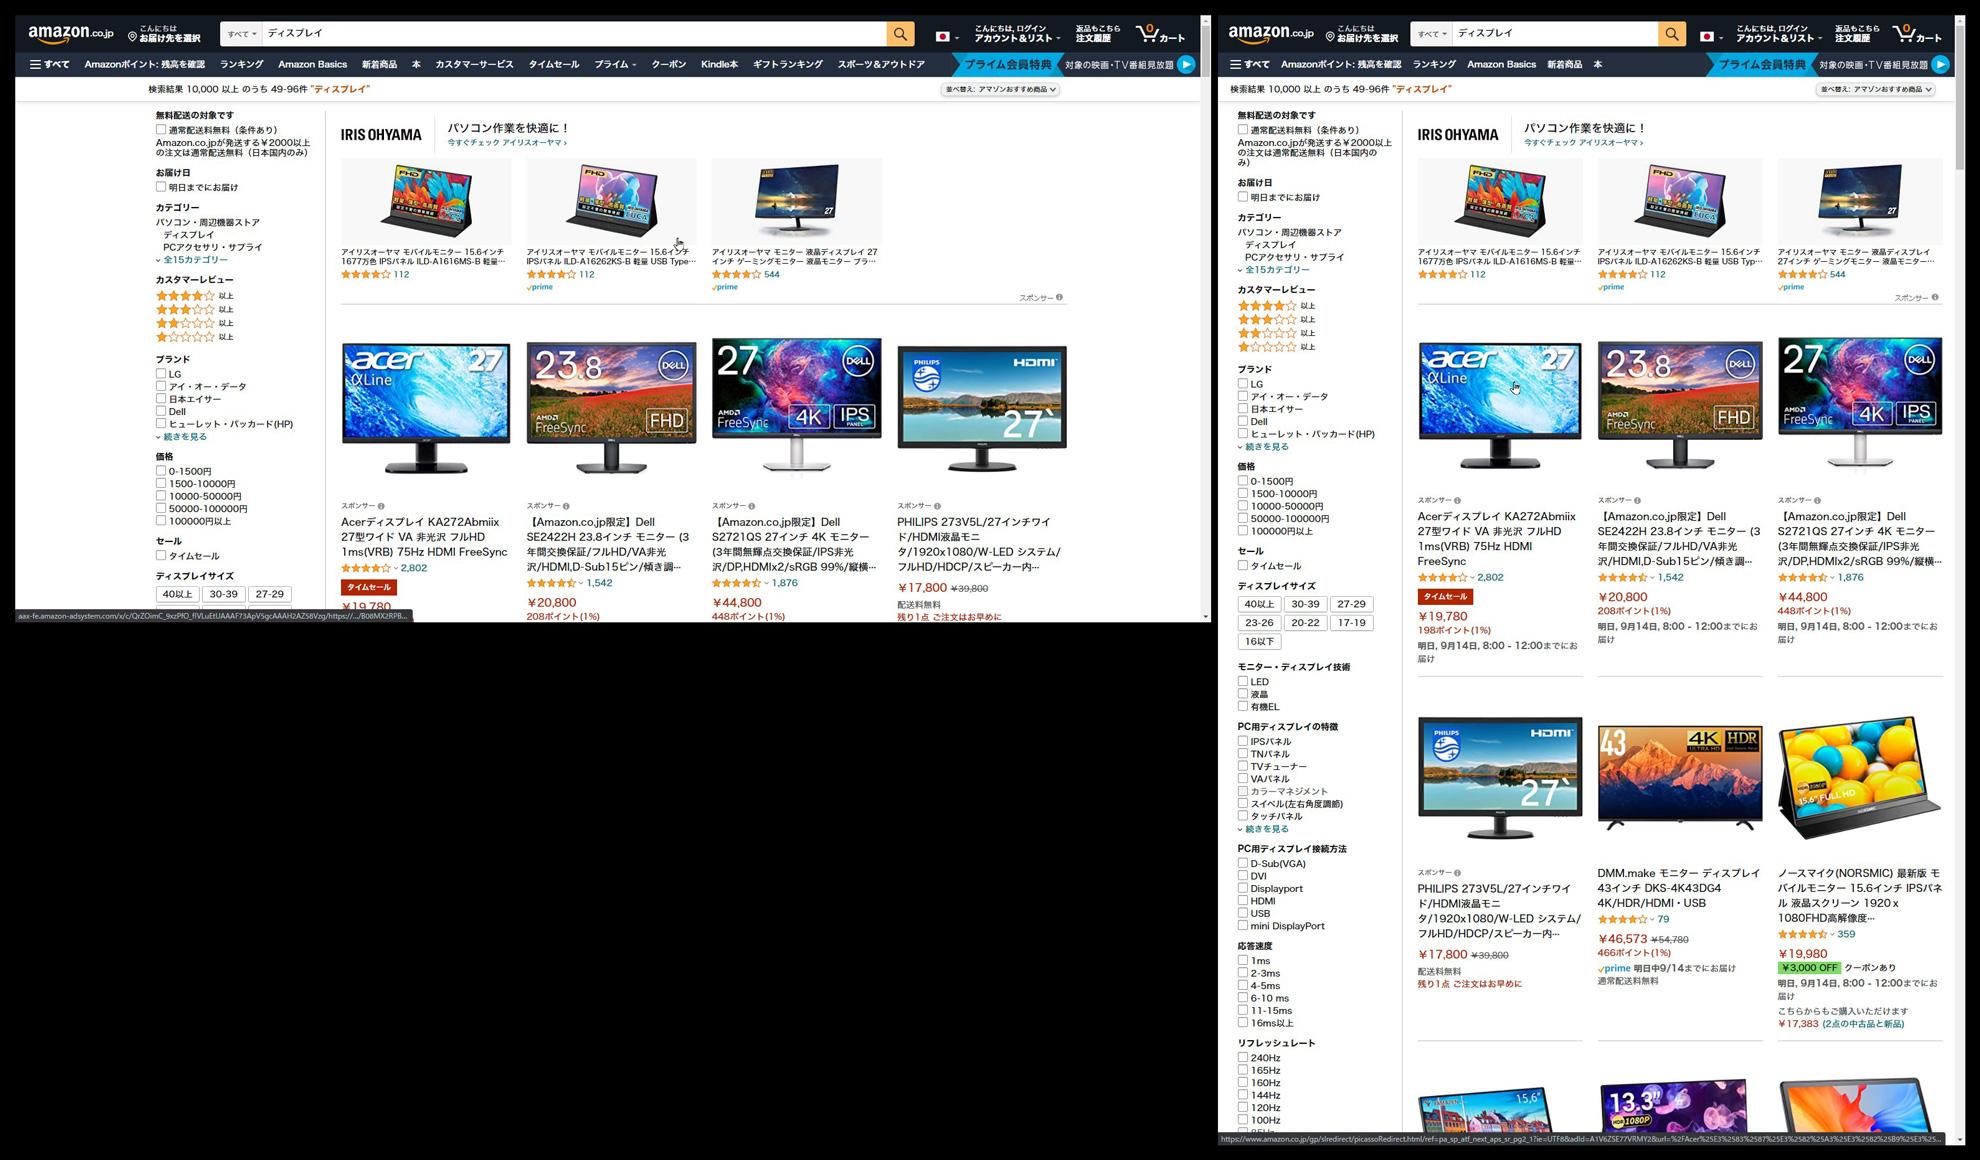 縦向きと横向き画面のAmazon見え方比較